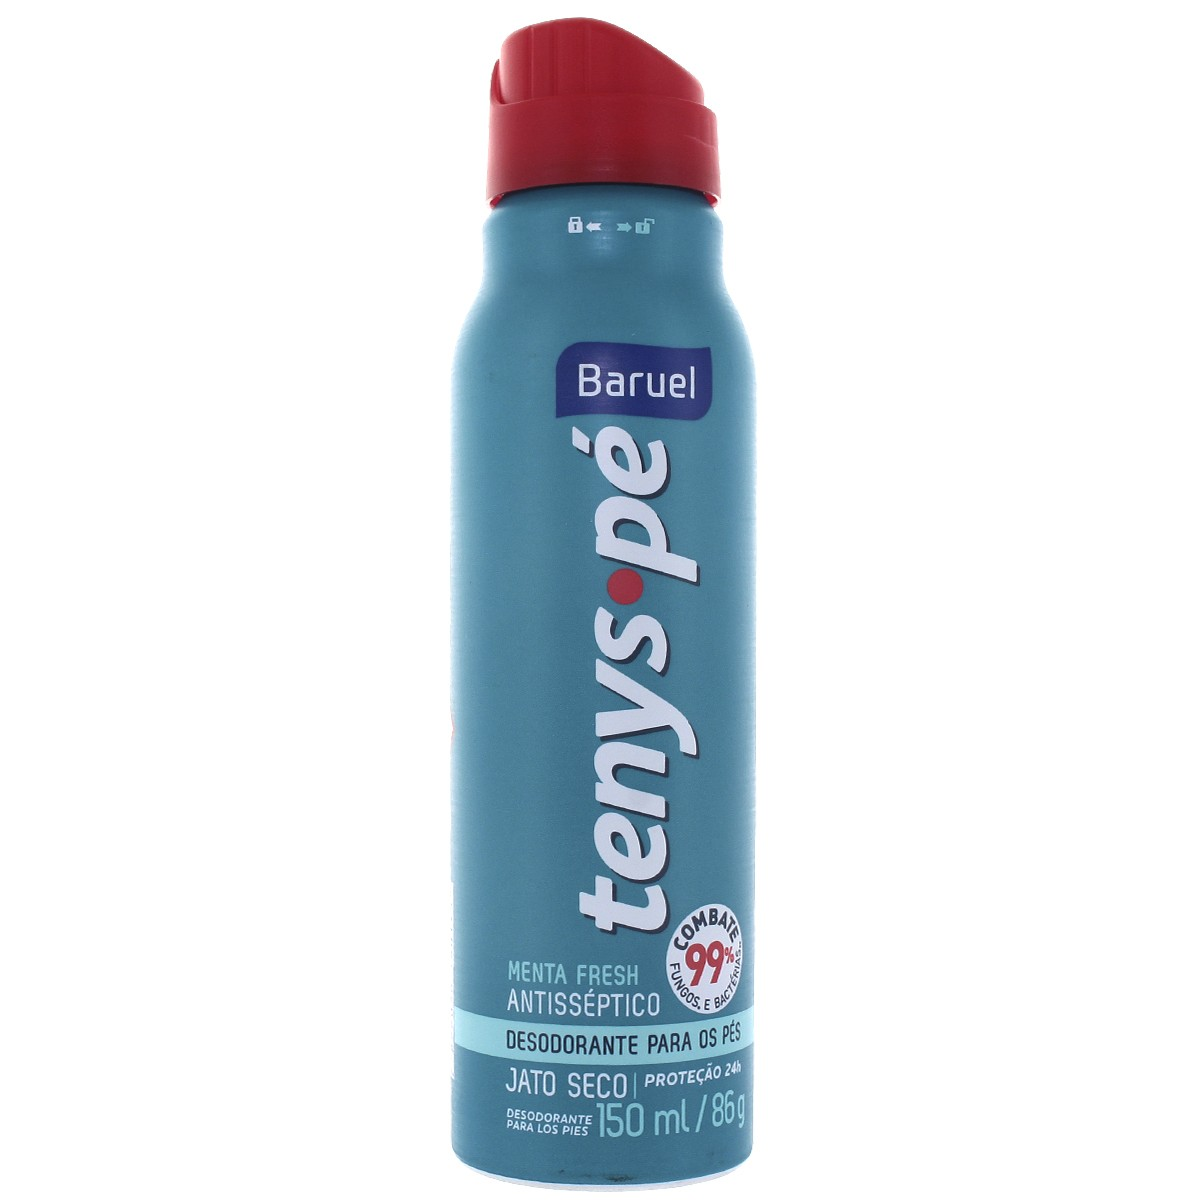 Desodorante para os pés Jato Seco Tenys Pé Menta Fresh Tenys pé 150ml - brand